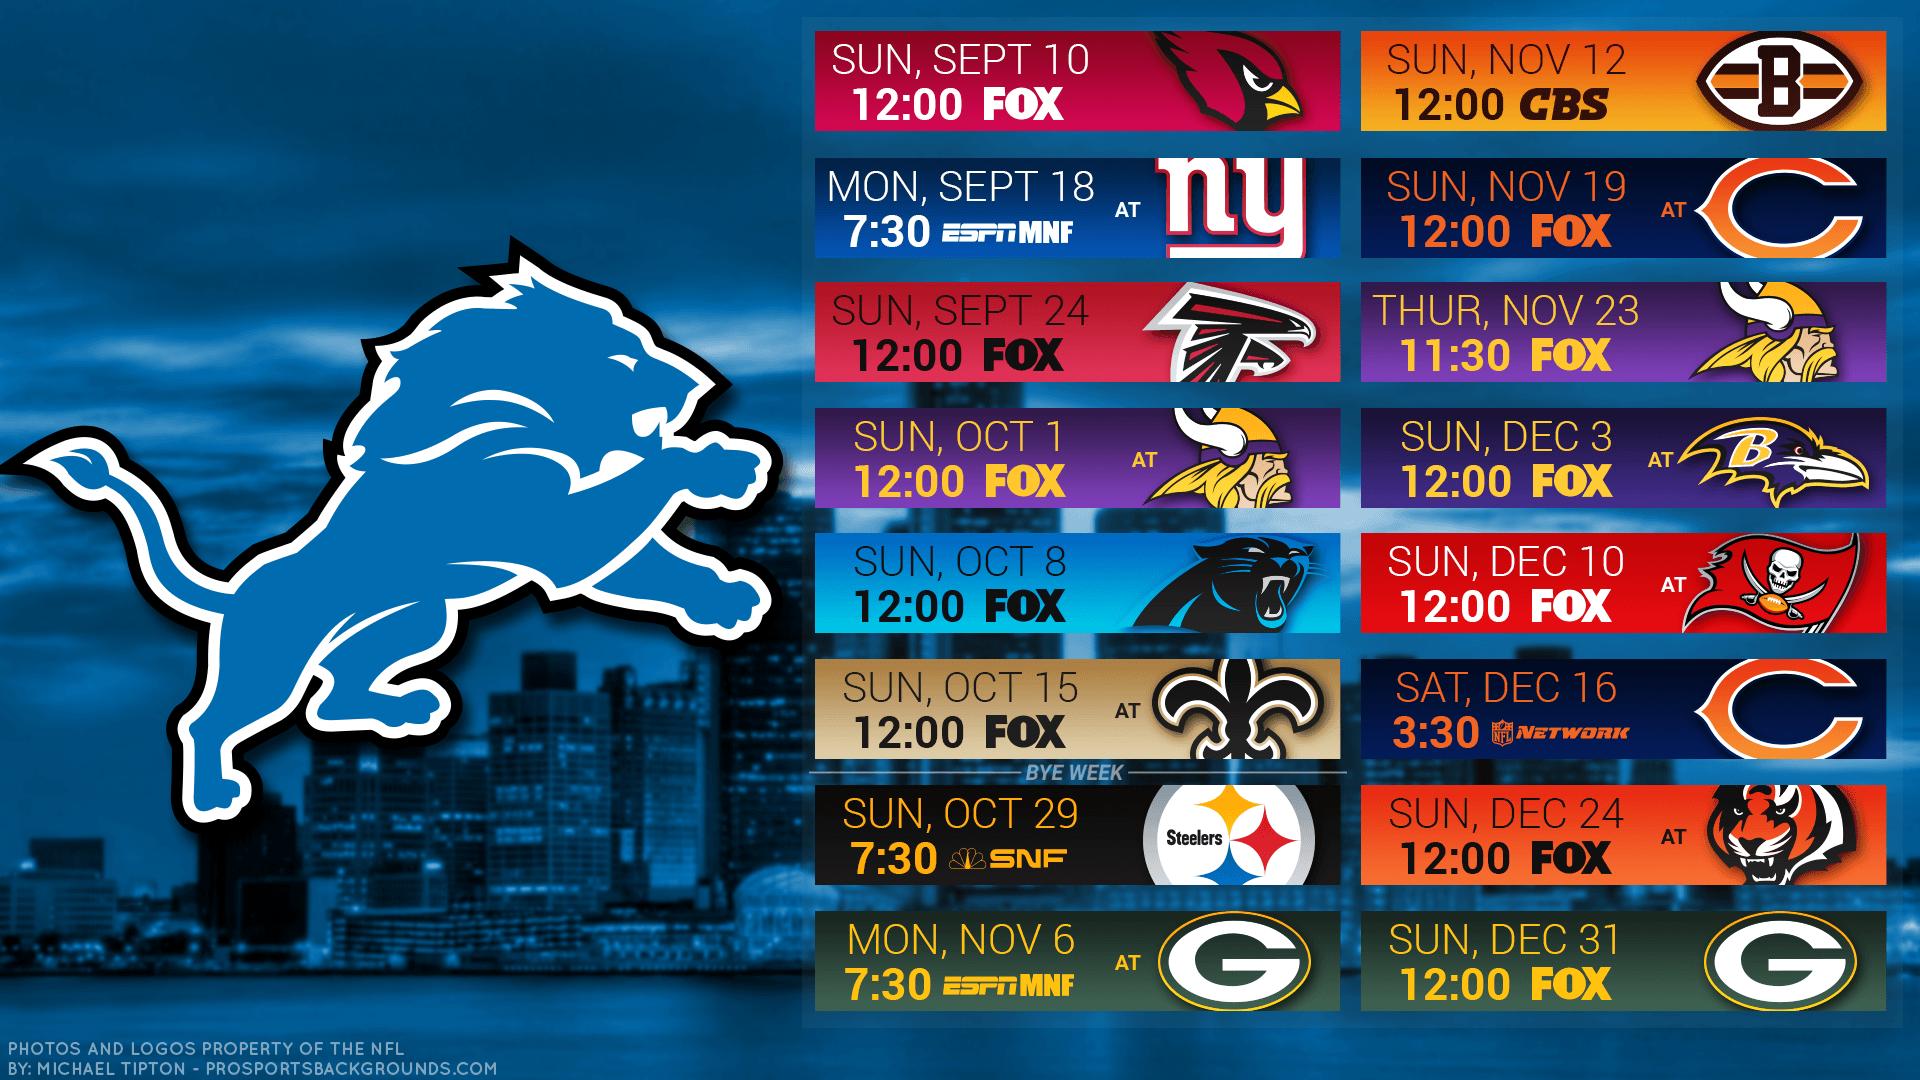 11 Detroit Lions Hd Wallpapers - Detroit Lions Schedule 2018 Printable , HD Wallpaper & Backgrounds